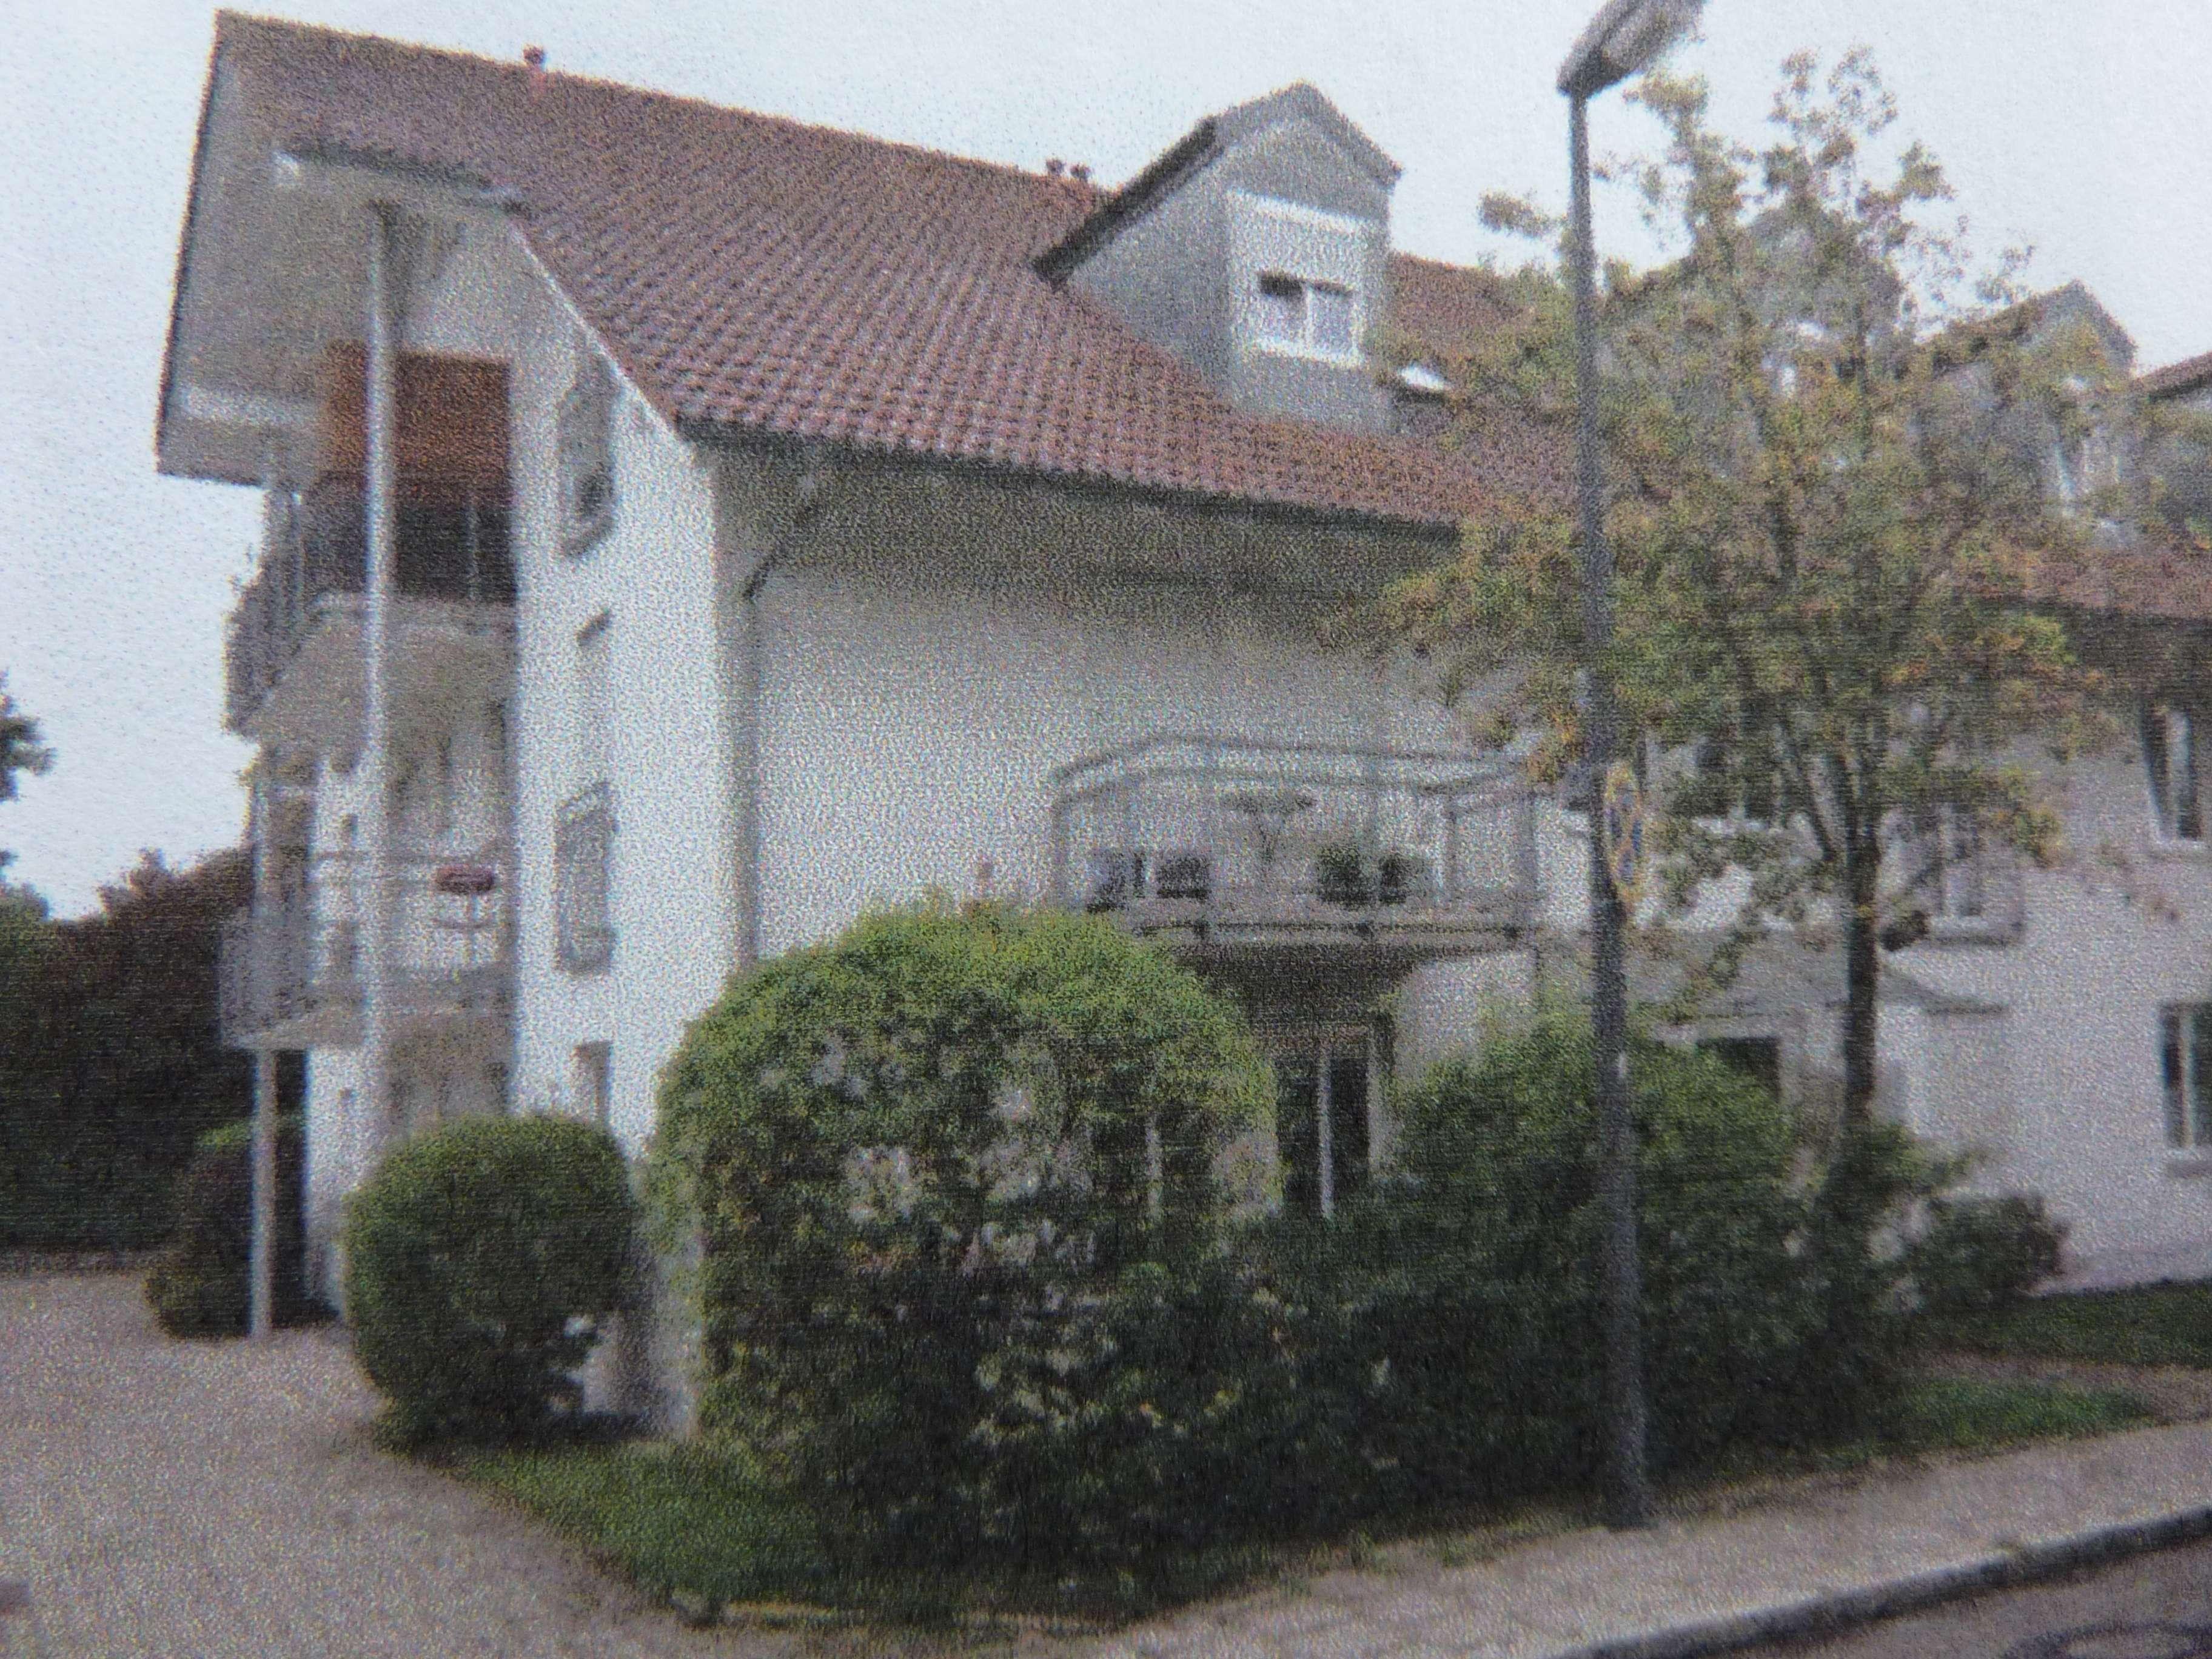 Nachmieter für großzügige Singelwohnung in netter Nachbarschaft gesucht in Germering (Fürstenfeldbruck)